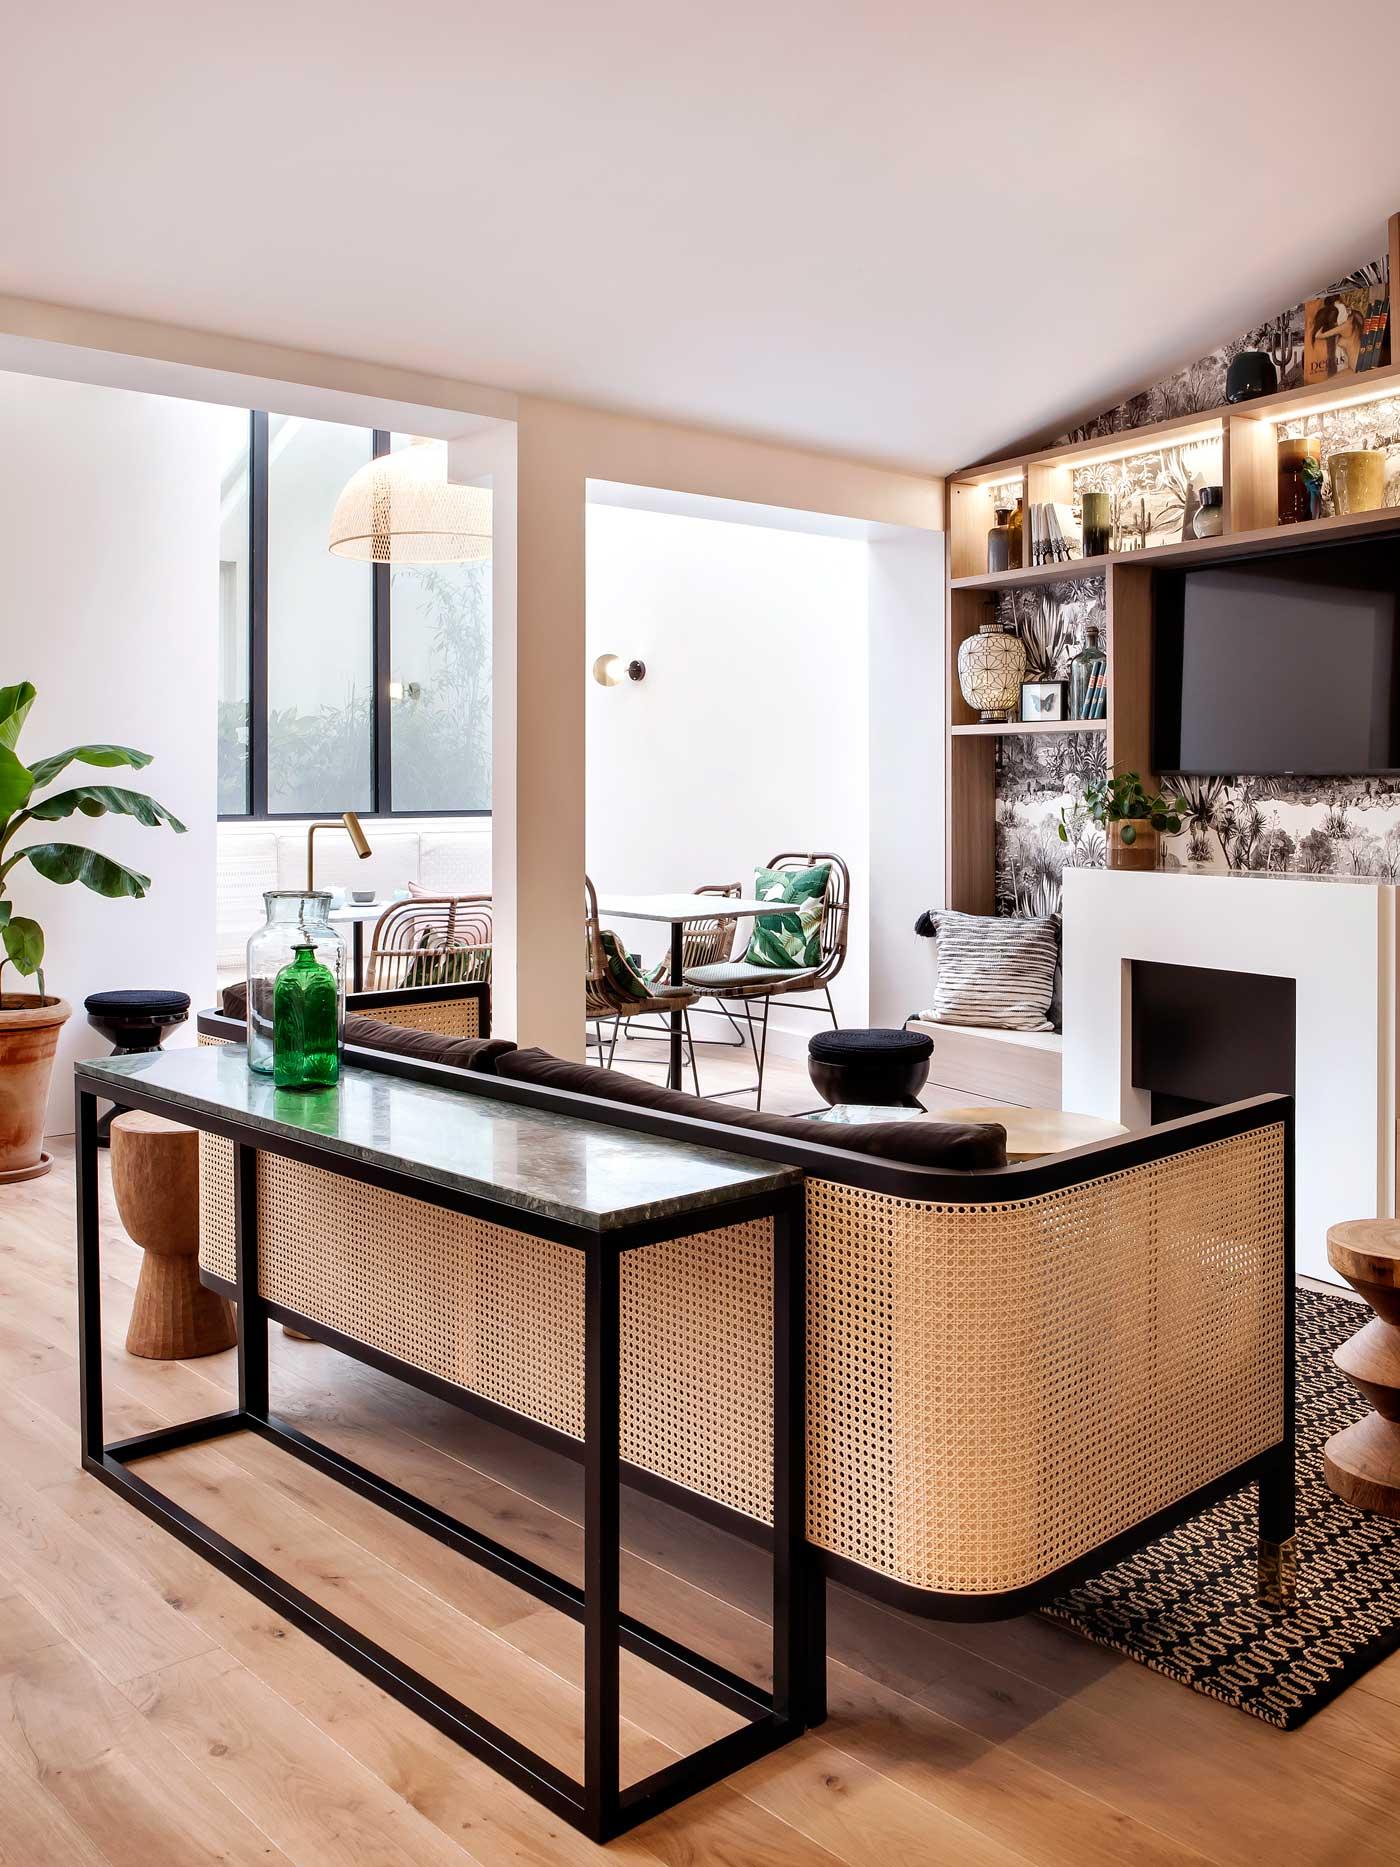 Duo De Couleurs Déco br design interieur | idées déco, meubles et intérieurs